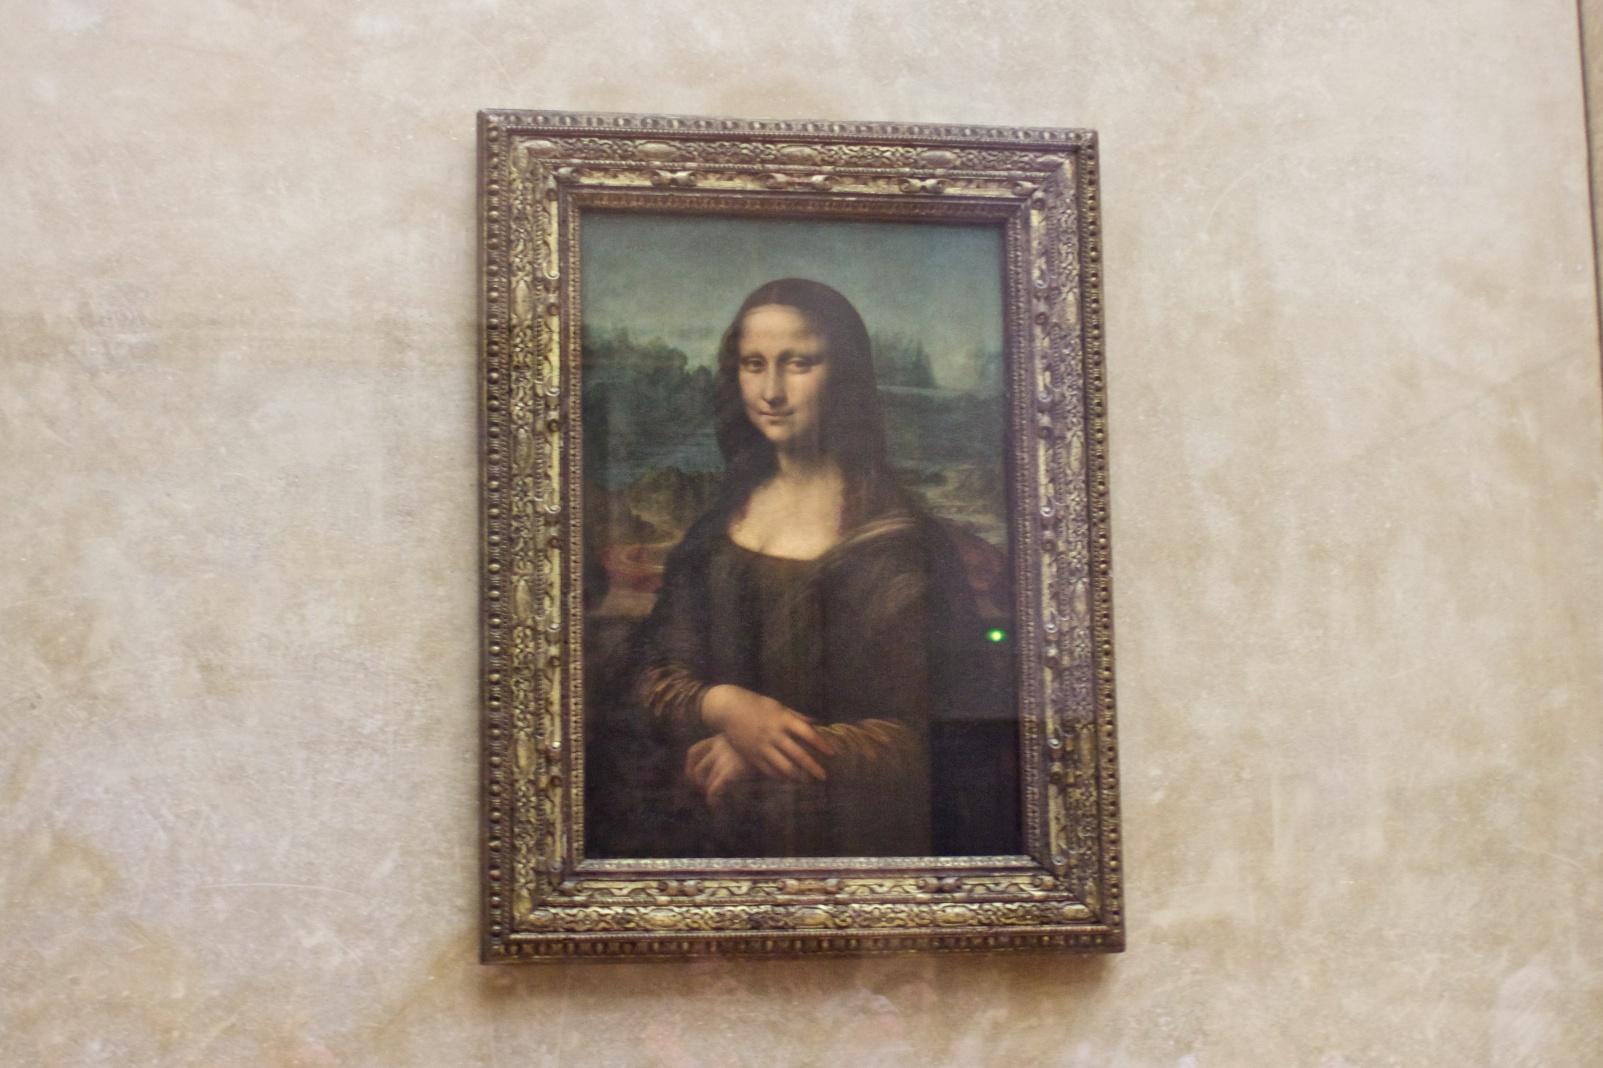 Mona Lisa『モナ・リザ』(1503-1506)